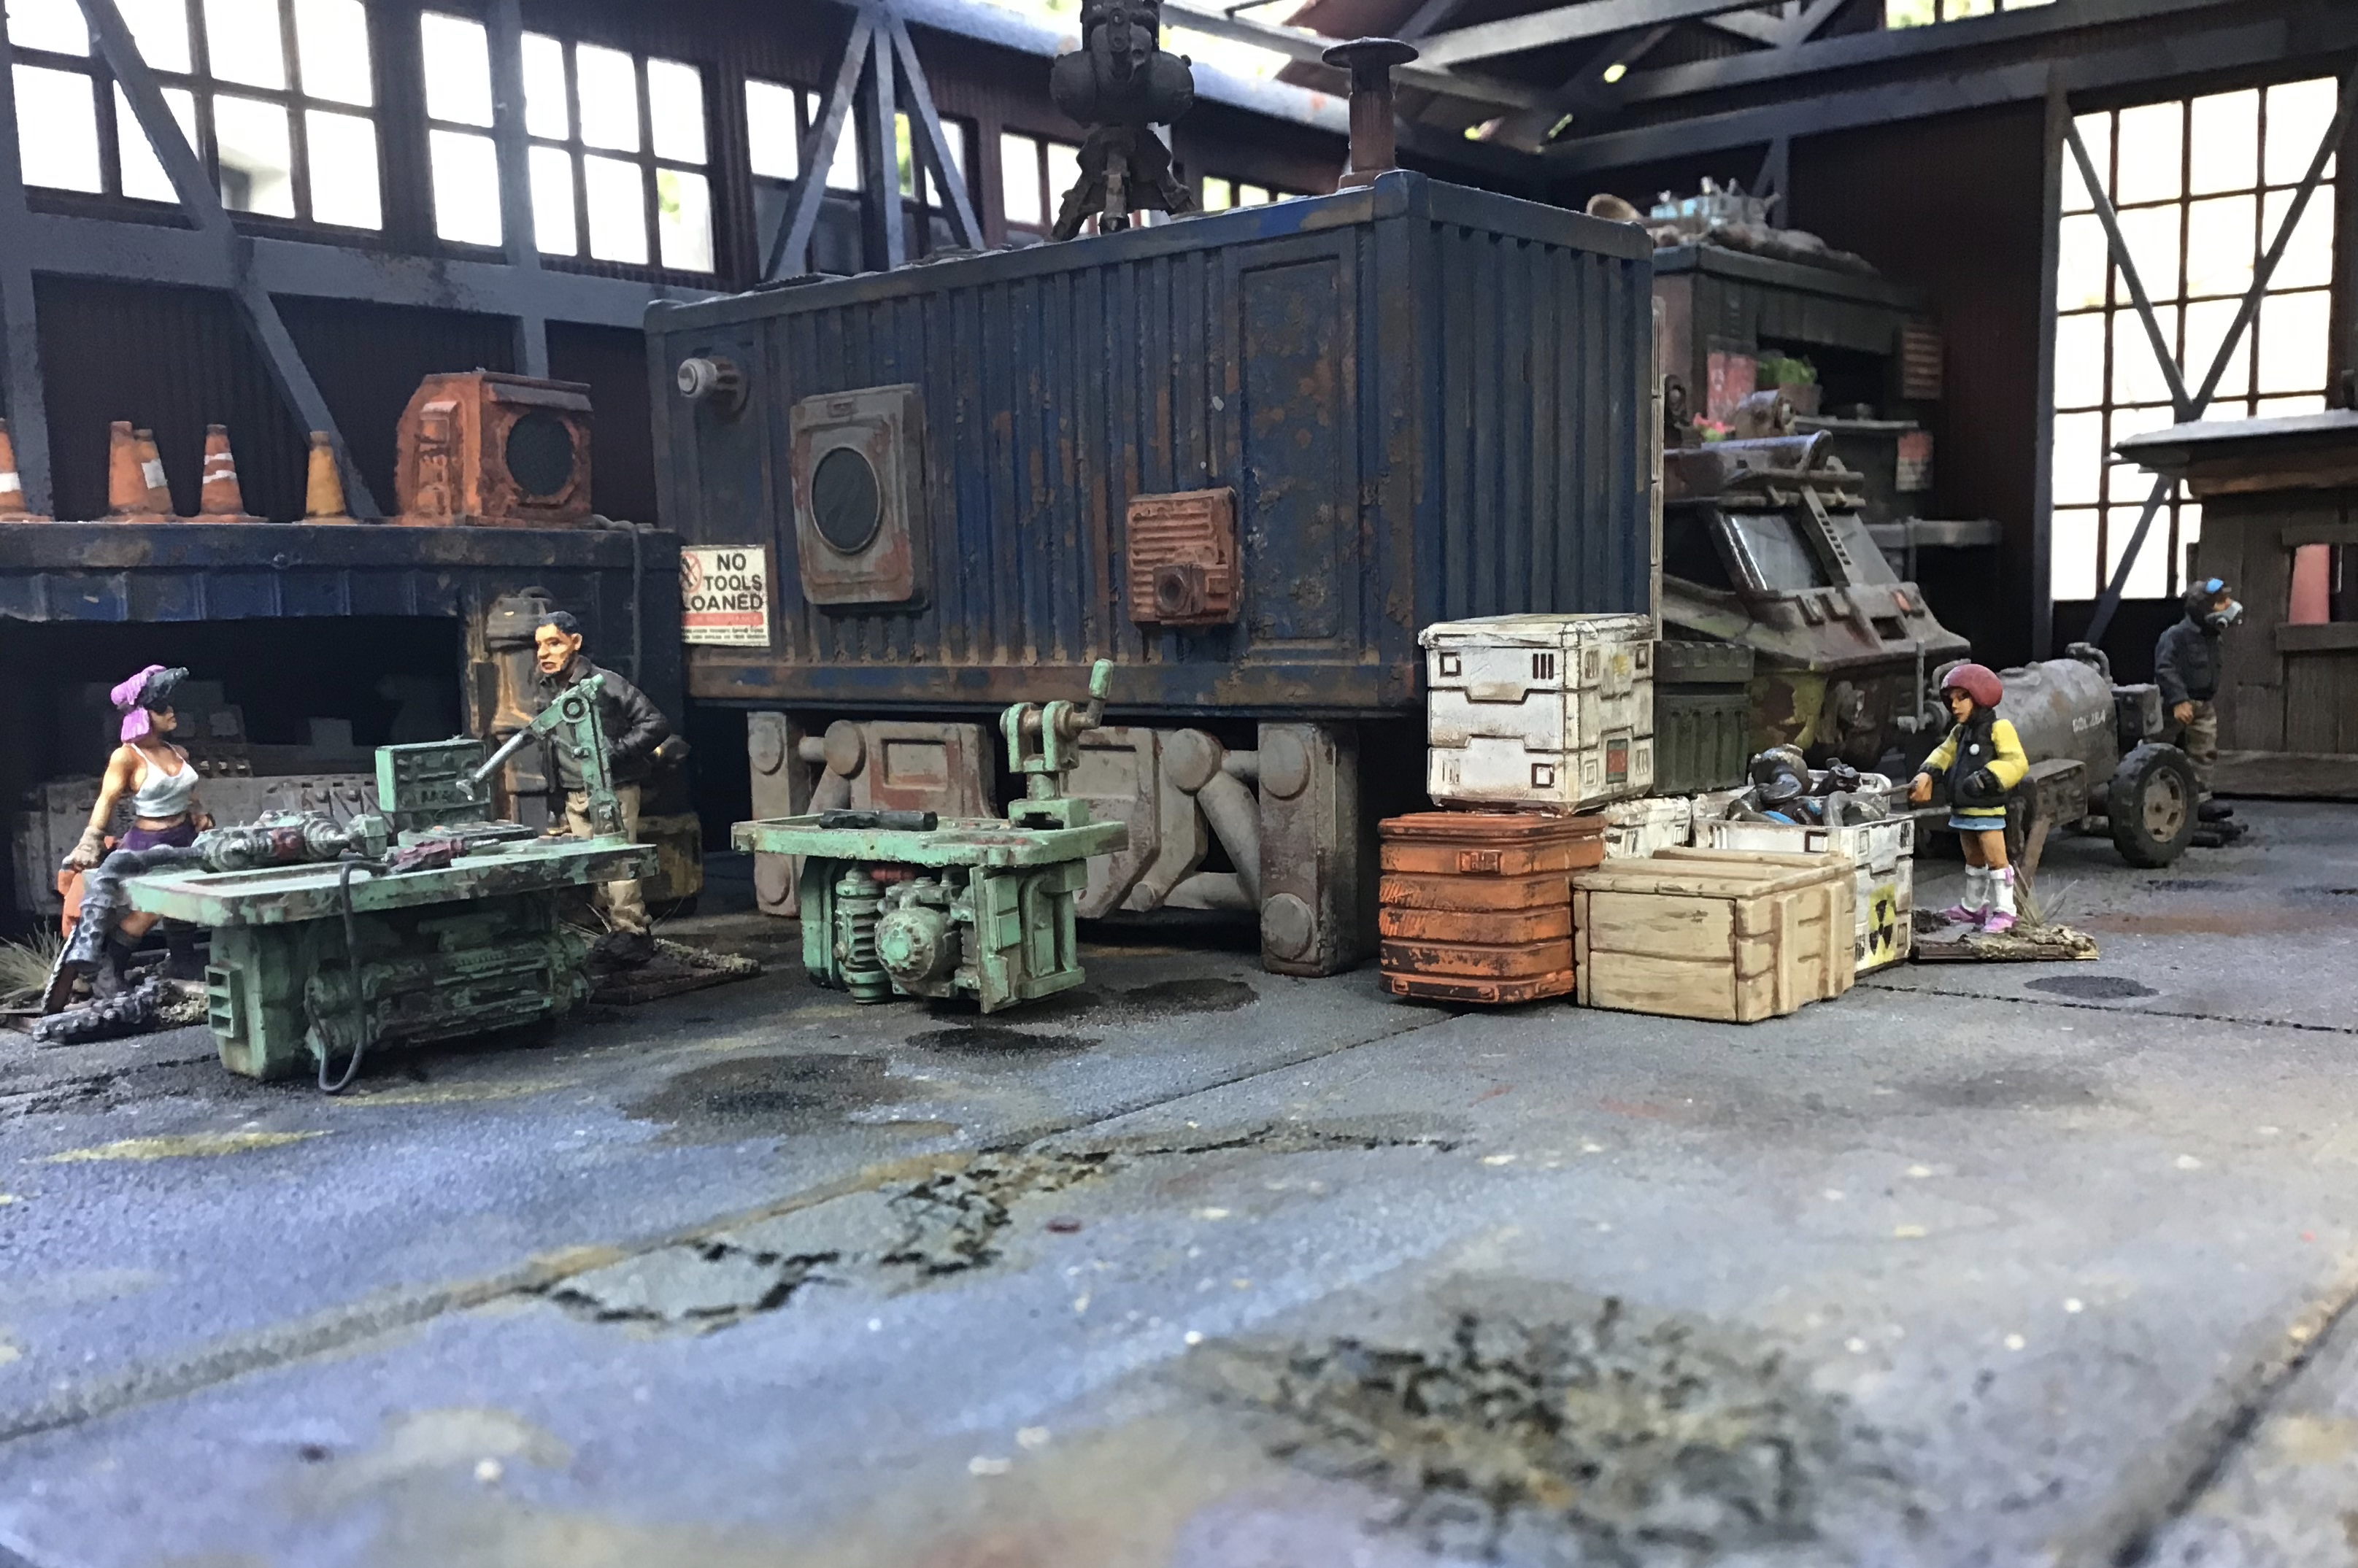 Junktown Hangar in Settlement Mode I